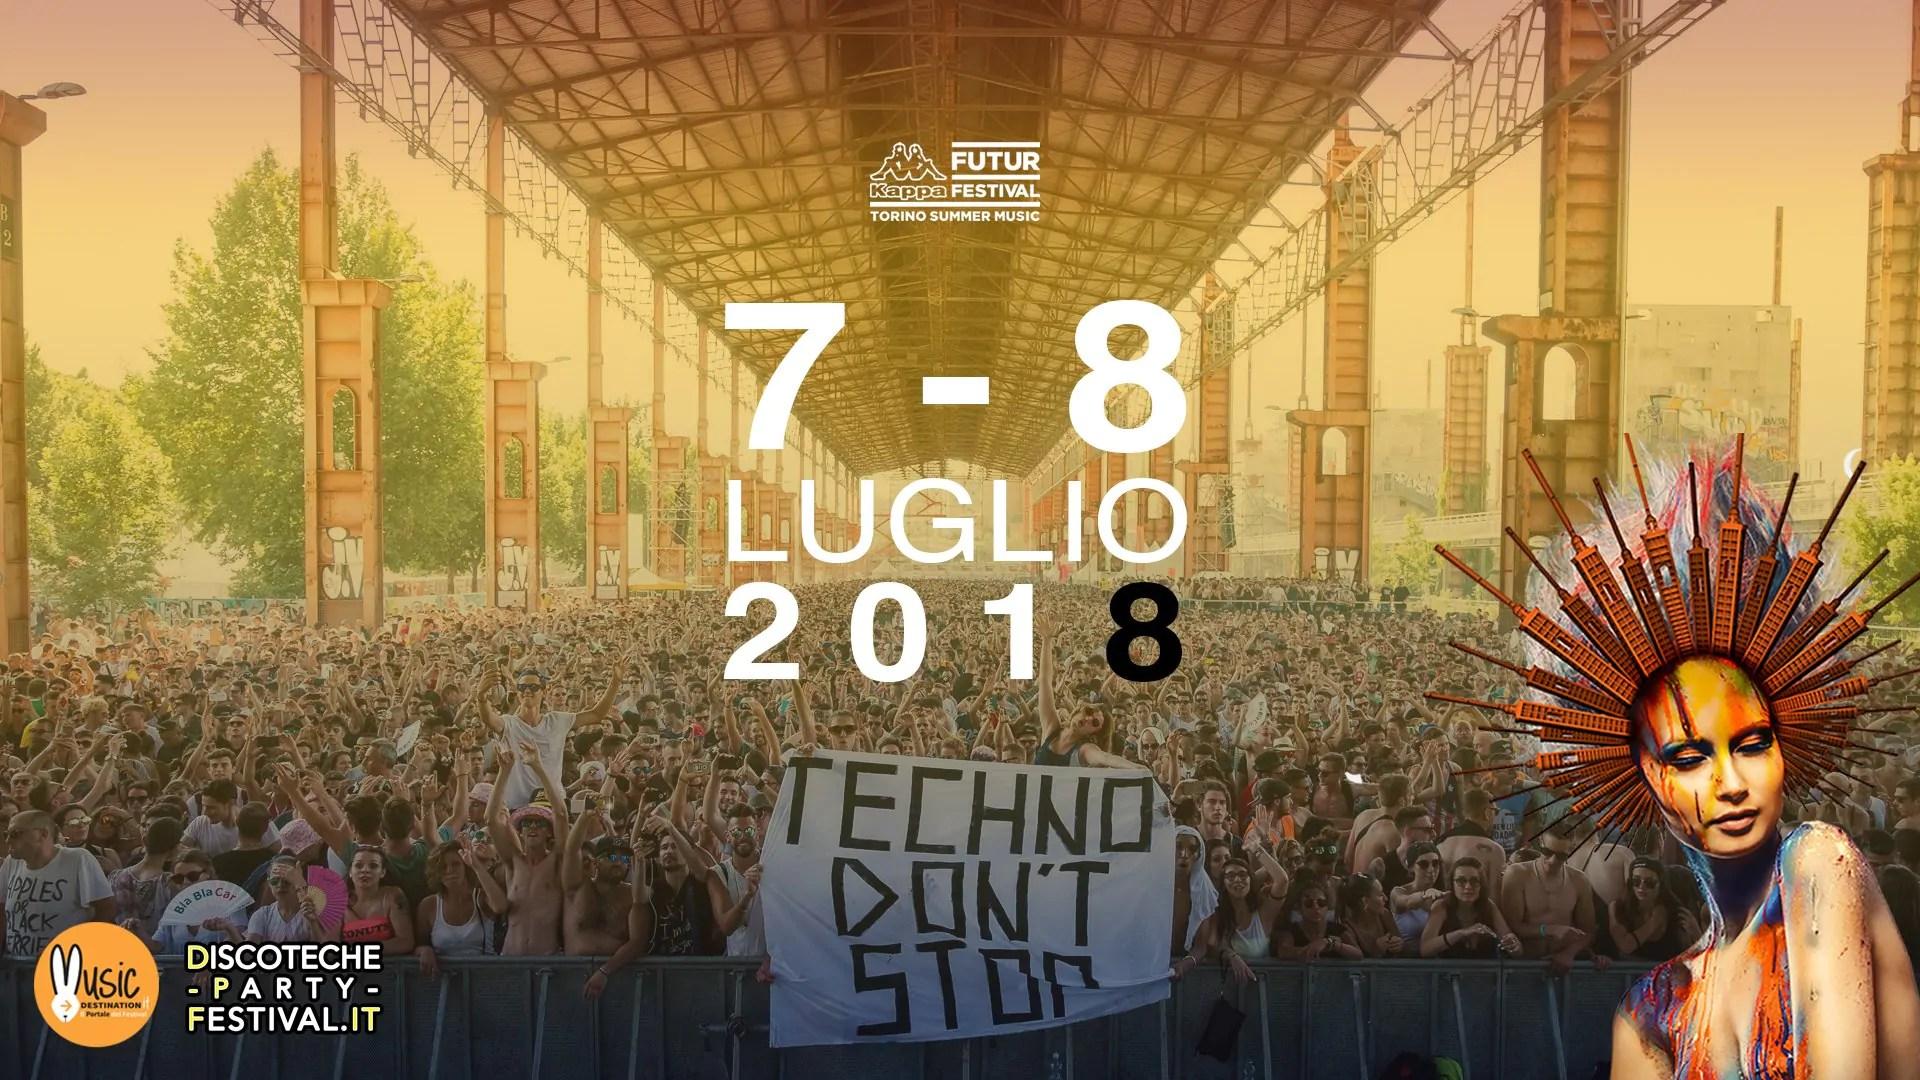 KAPPA FUTURFESTIVAL 2018 TORINO 7 – 8 Luglio – Ticket e Pacchetti hotel